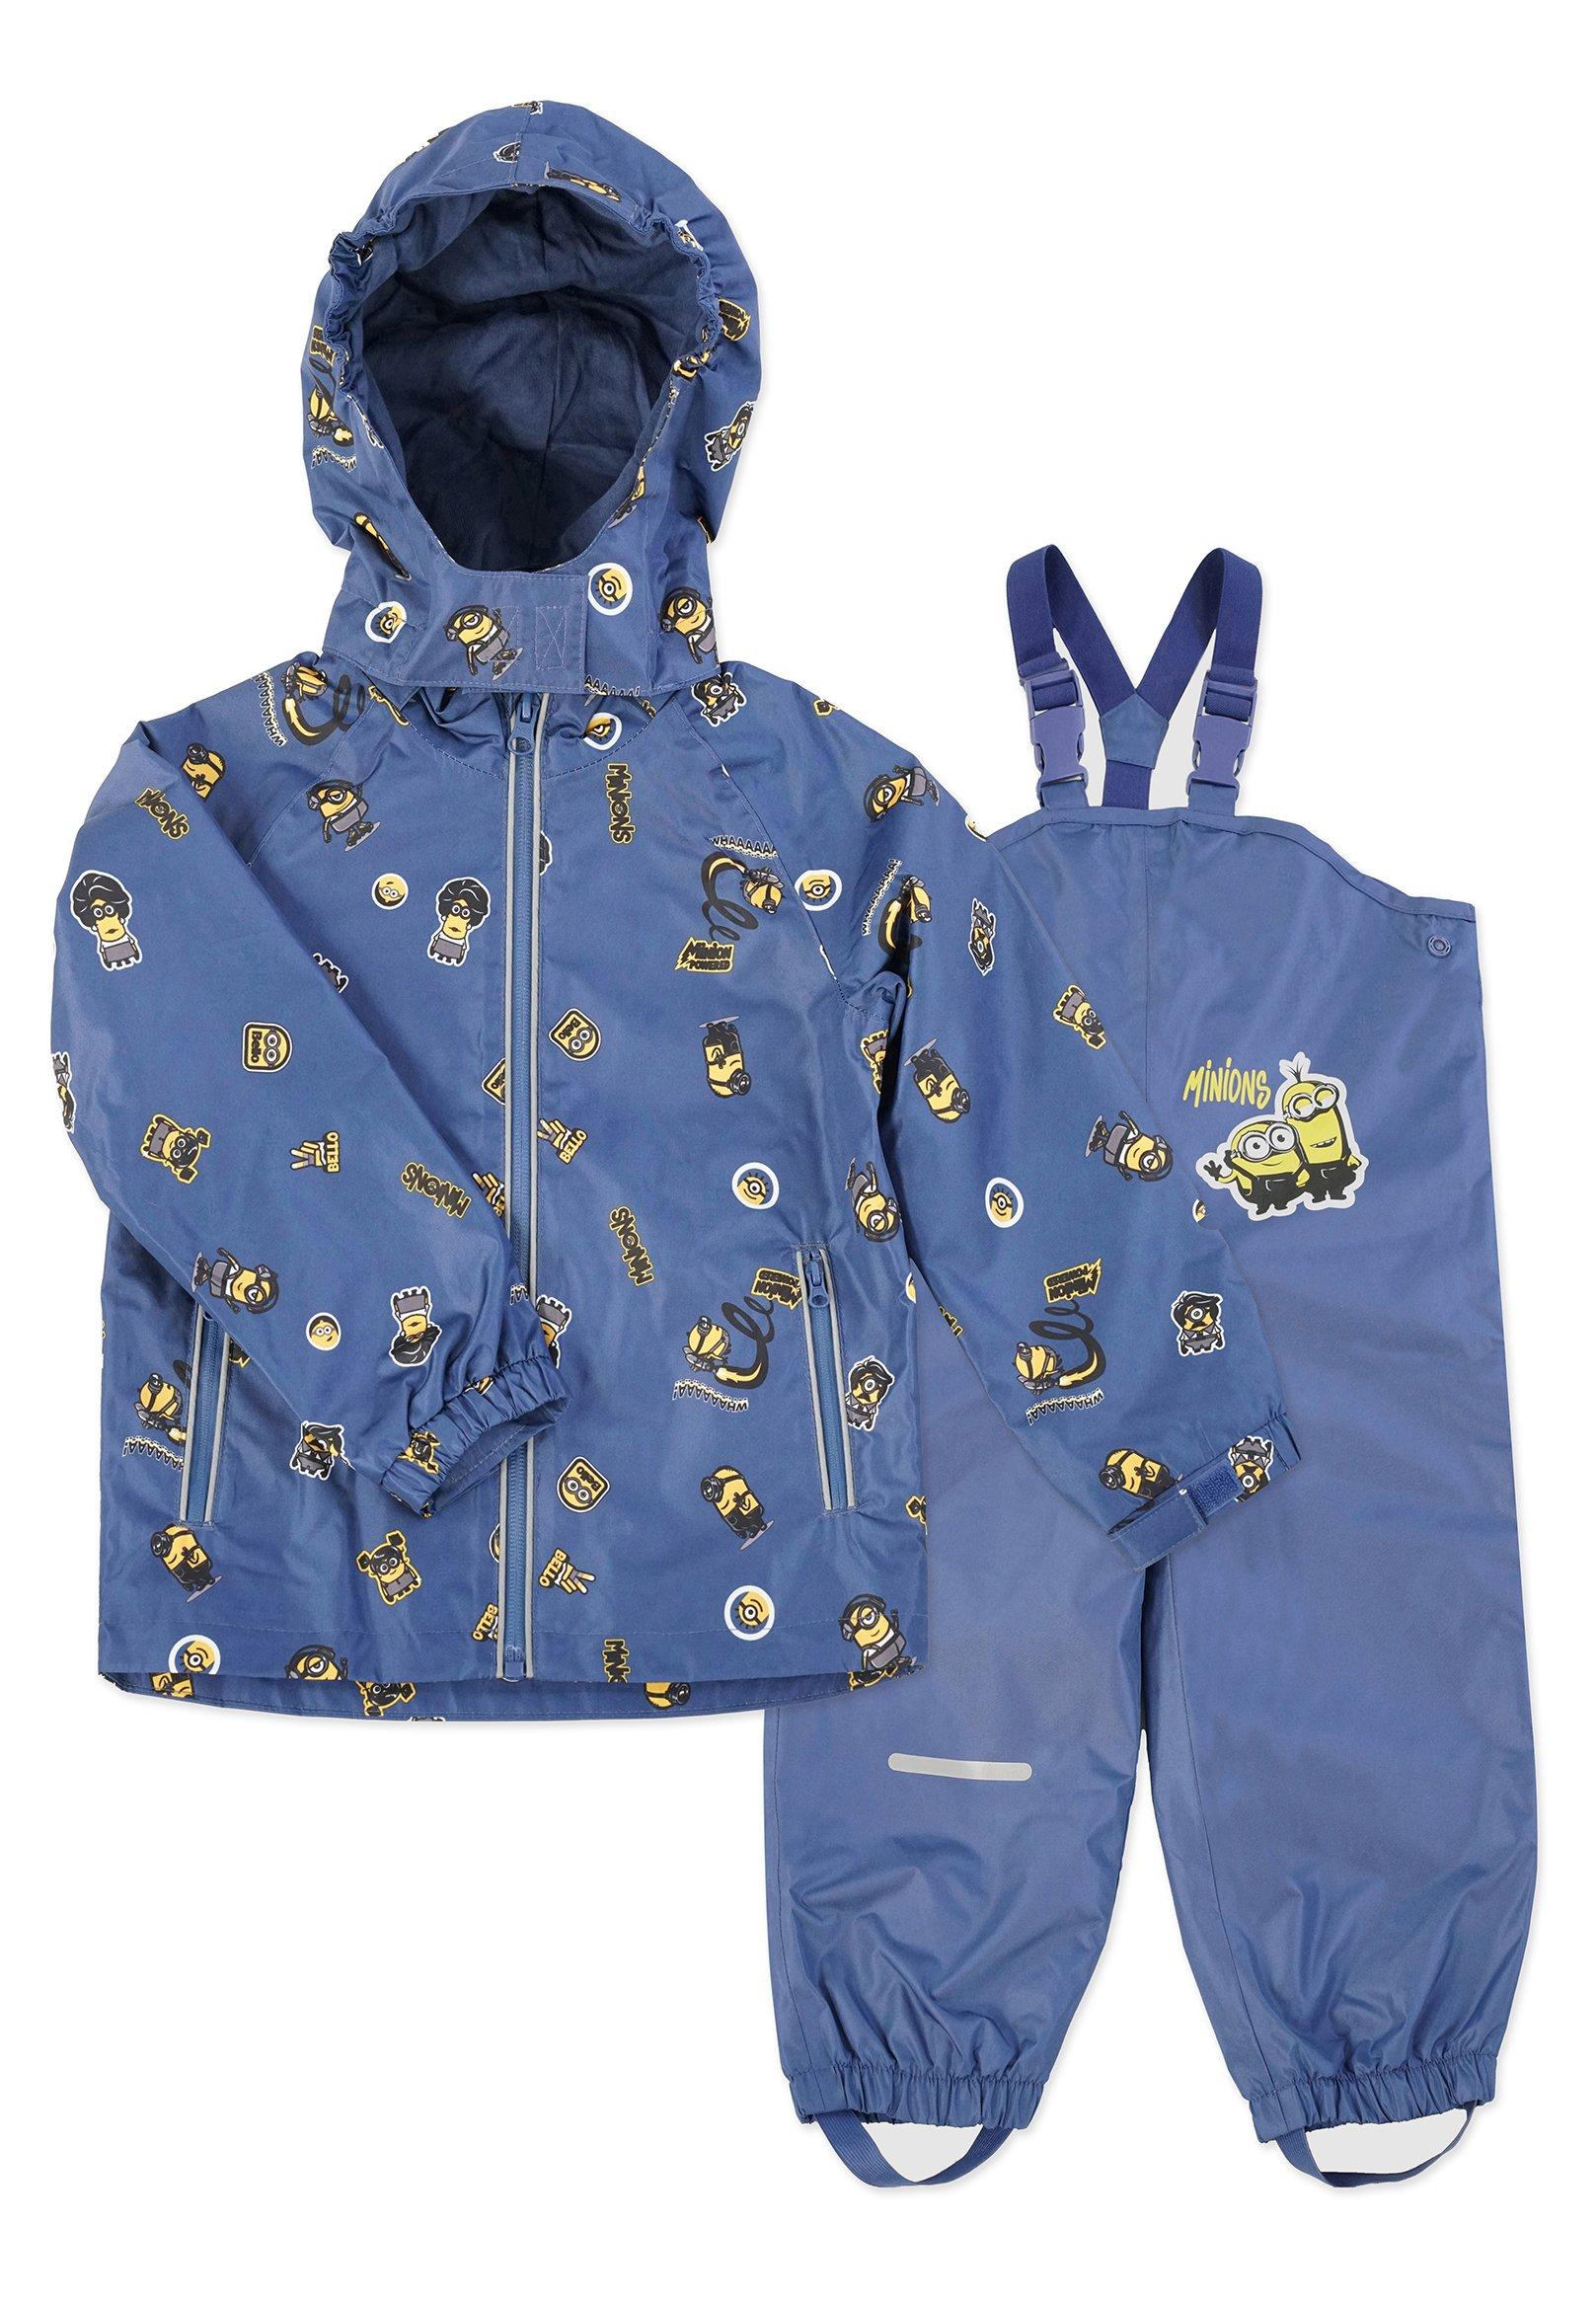 Børn MATSCH UND BUDDELANZUG SET-Waterproof jacket - Regnbukser